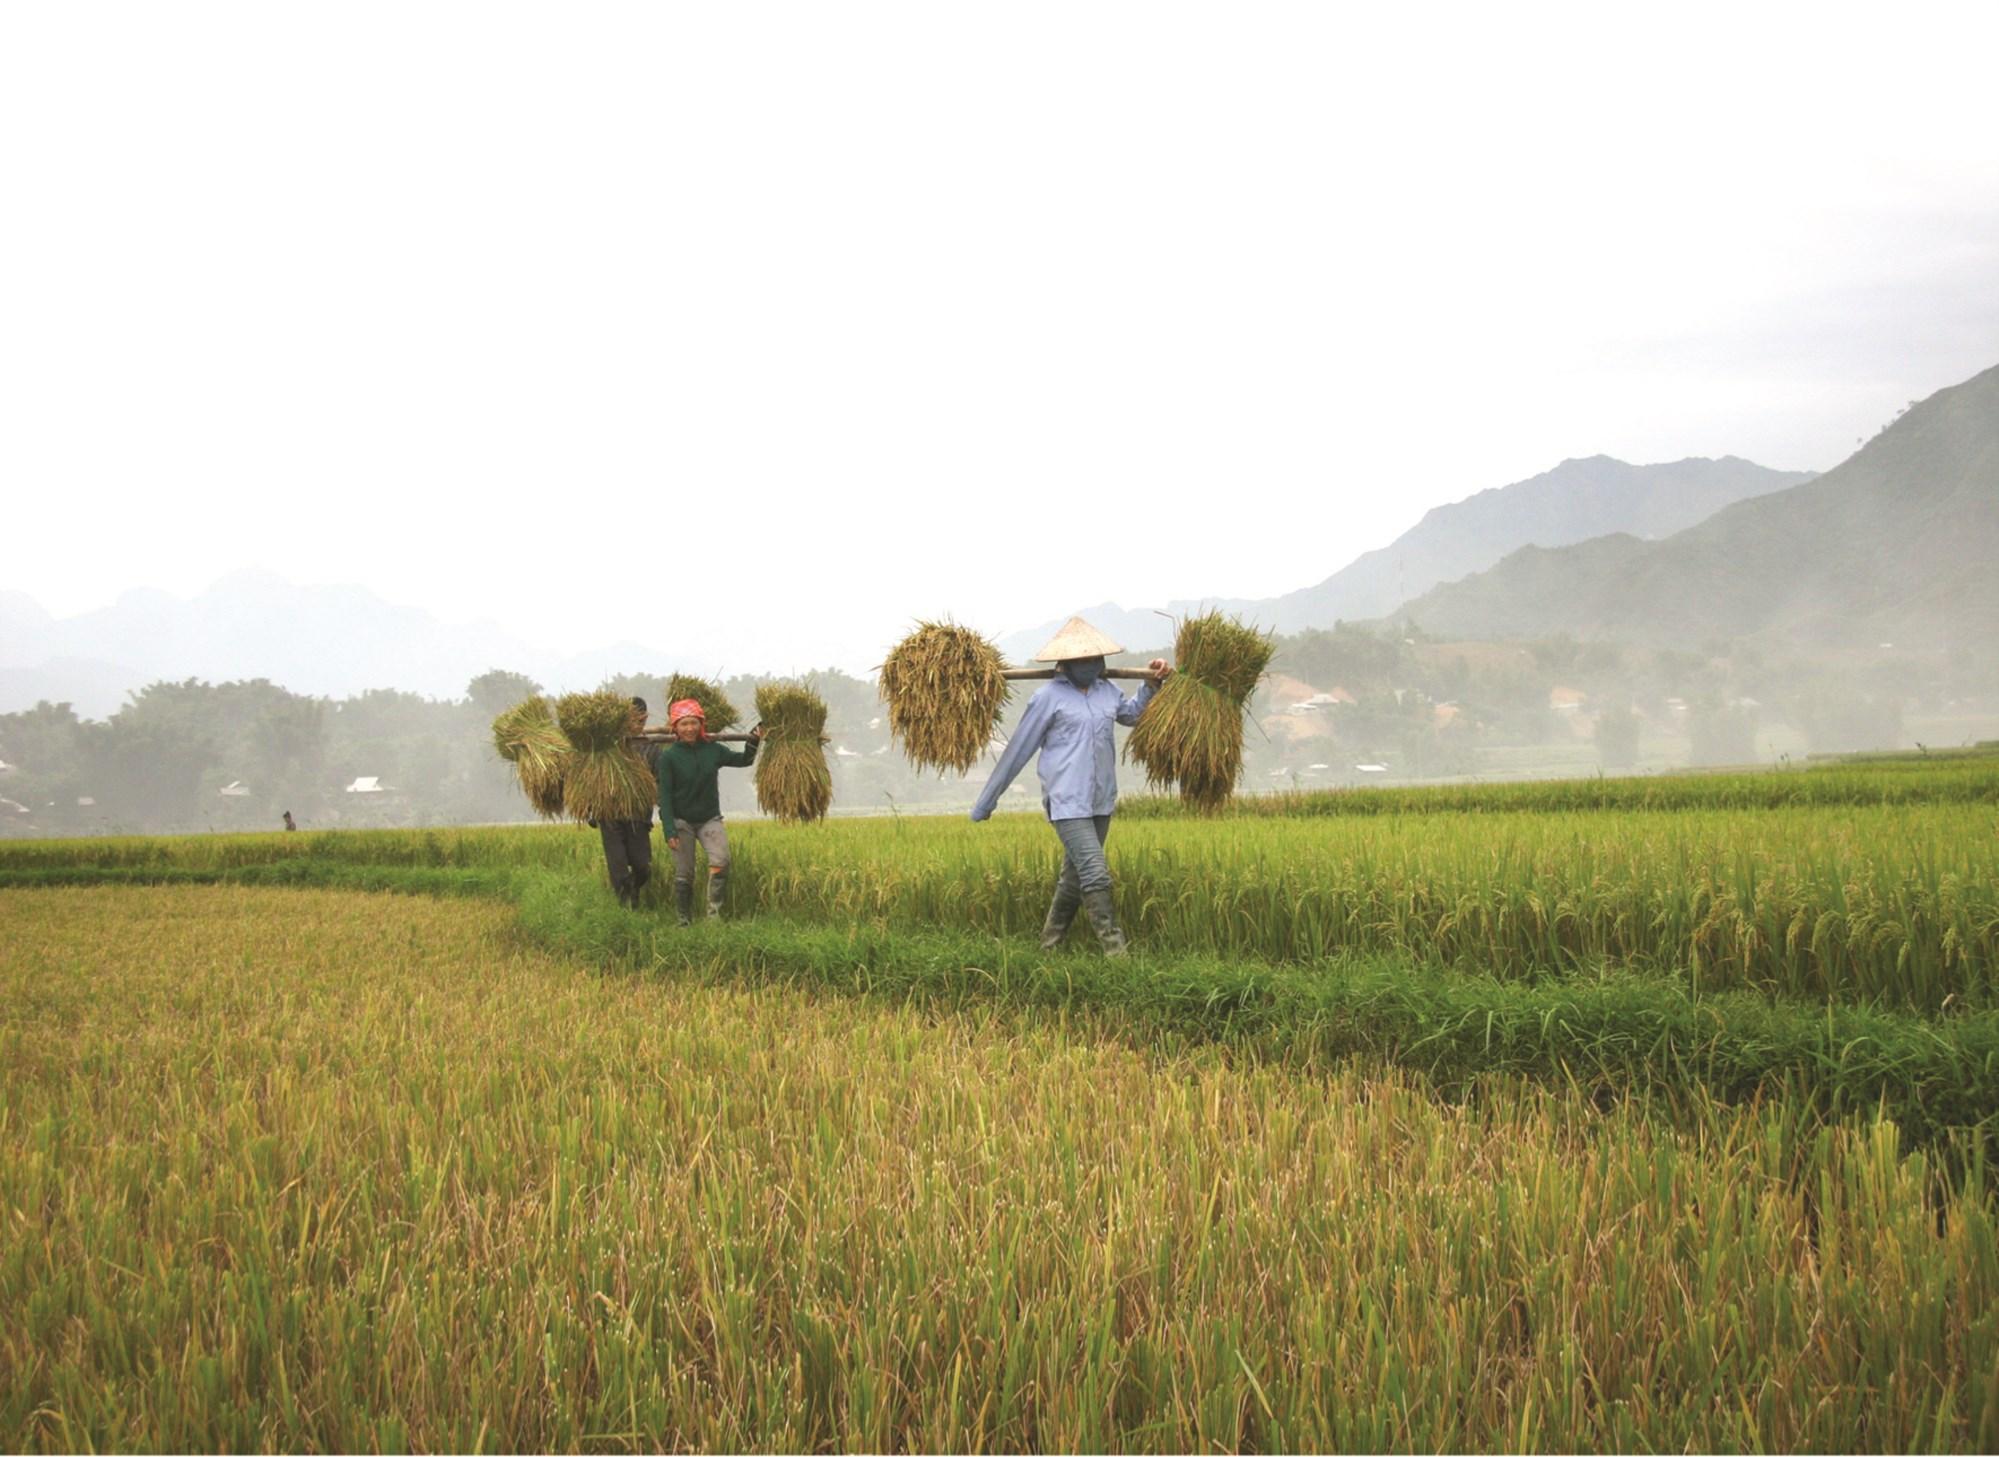 """Đa số những người lao động chưa qua đào tạo chuyên môn kỹ thuật chỉ tham gia sản xuất nông nghiệp nên có mức sống thuộc nhóm """"nghèo nhất"""". (Ảnh minh họa)"""